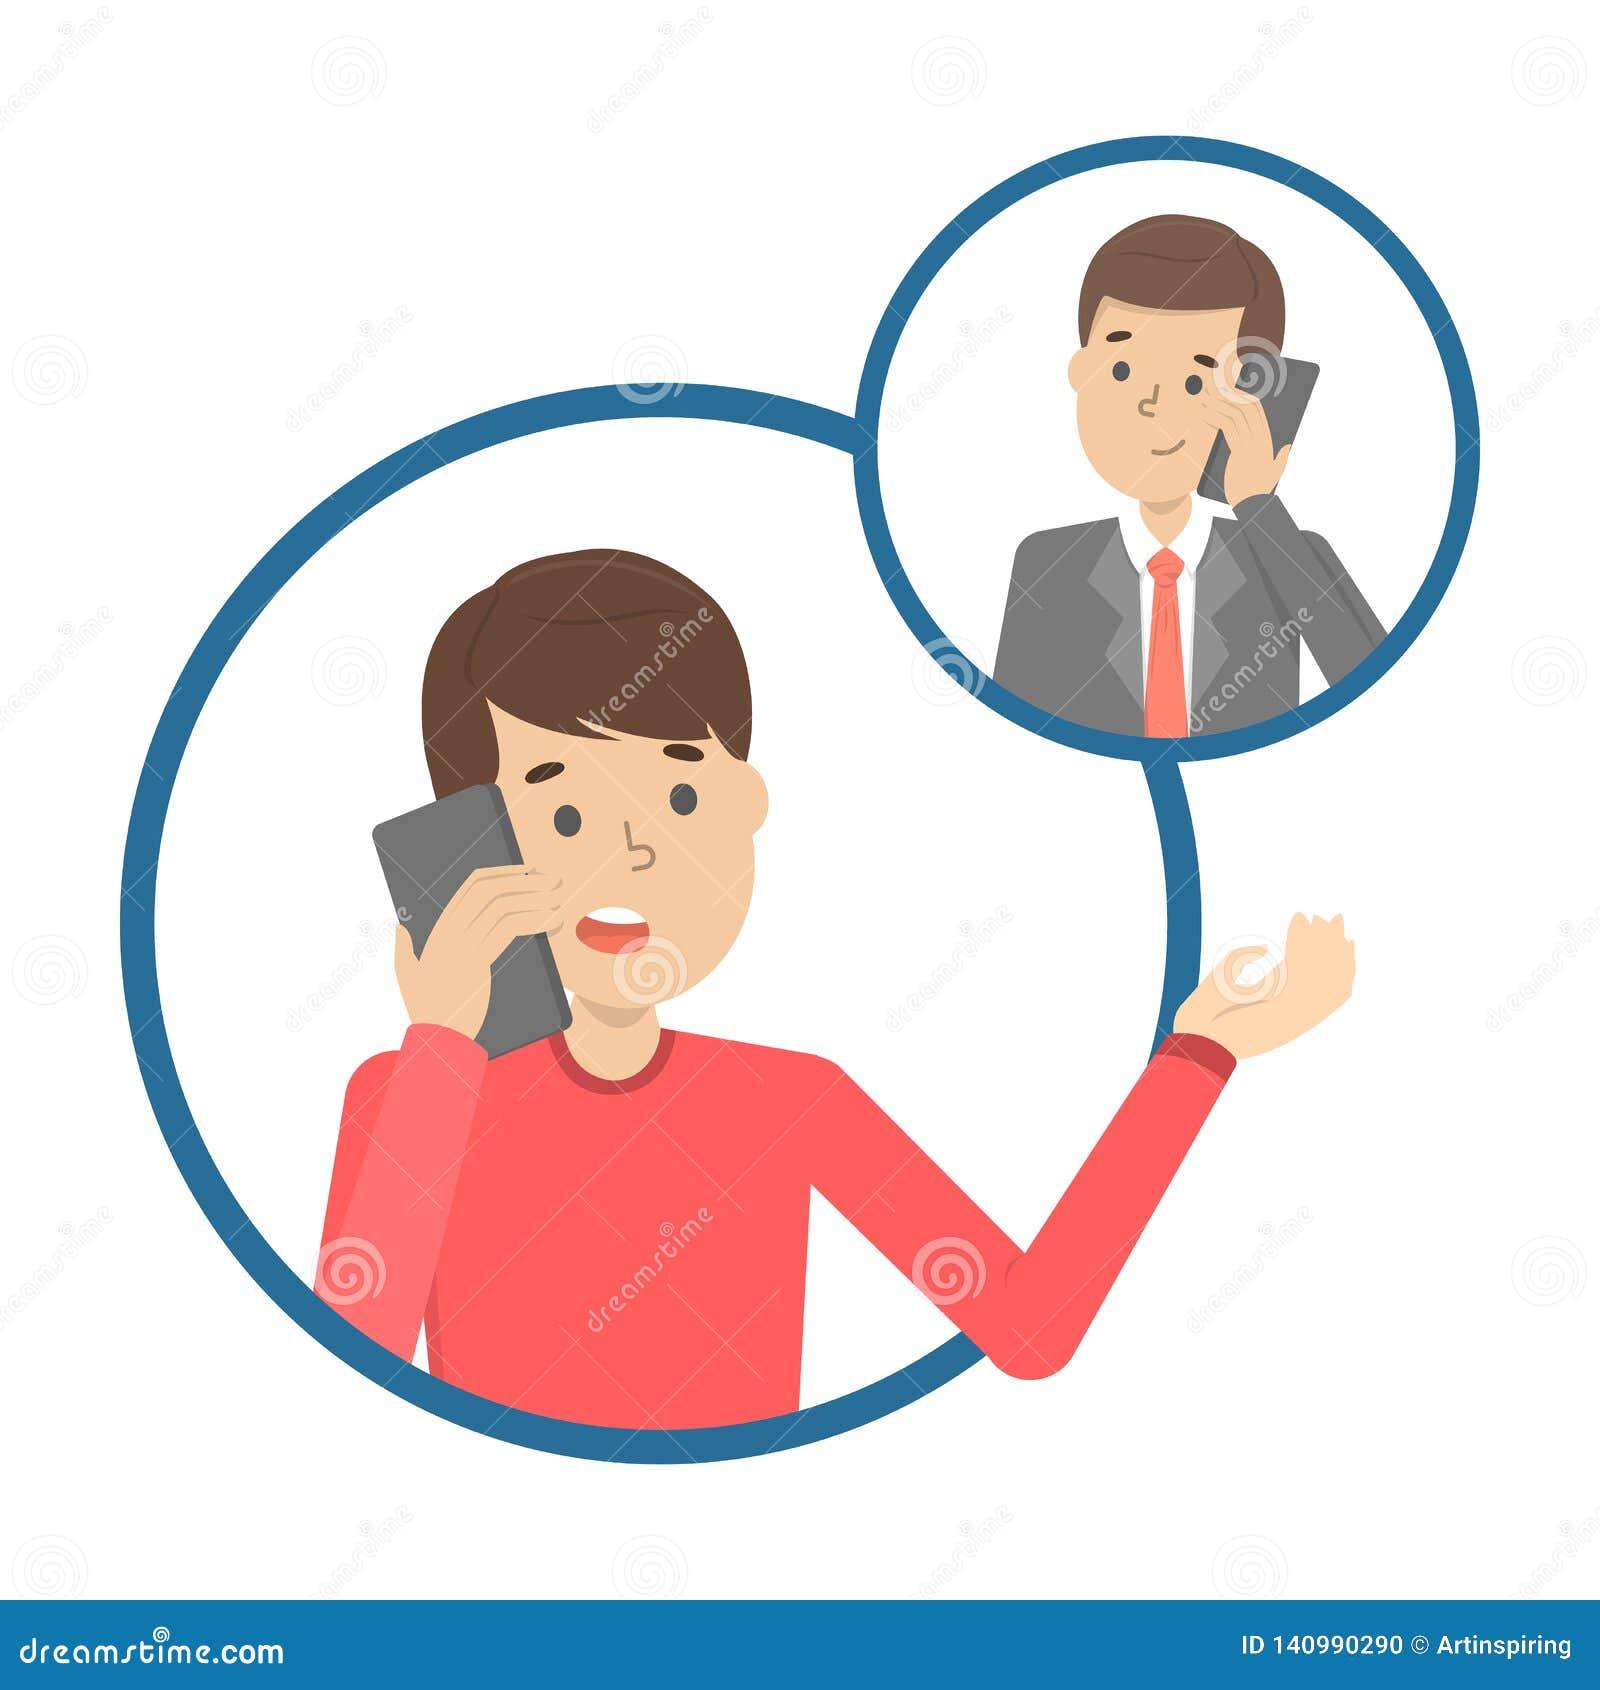 Conversação de telefone celular entre dois pessoas